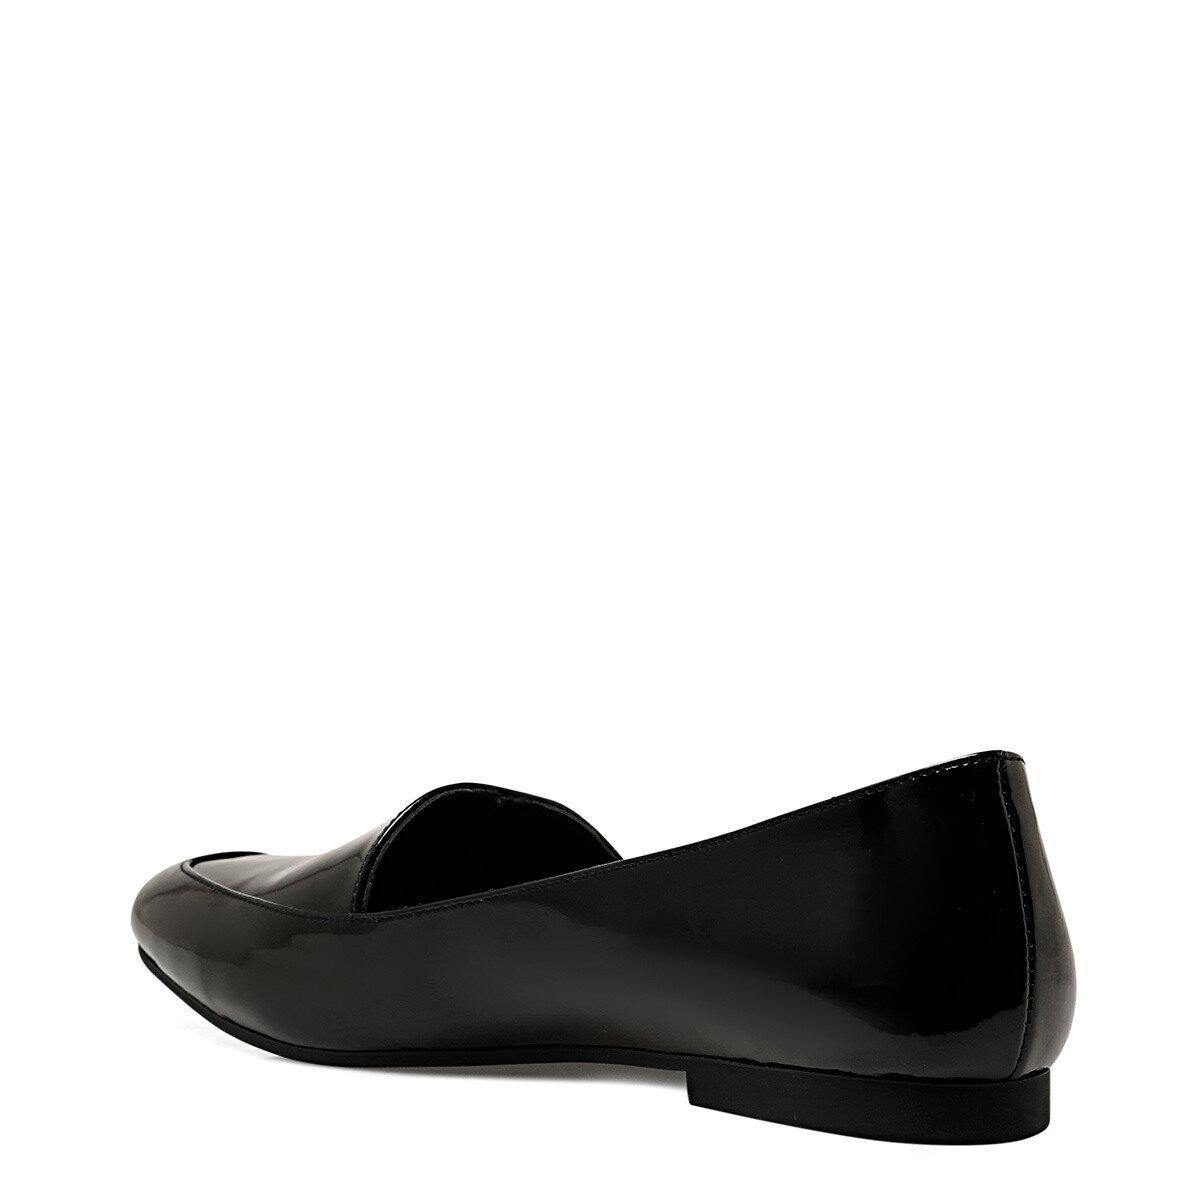 MELANIT2 Siyah Kadın Loafer Ayakkabı